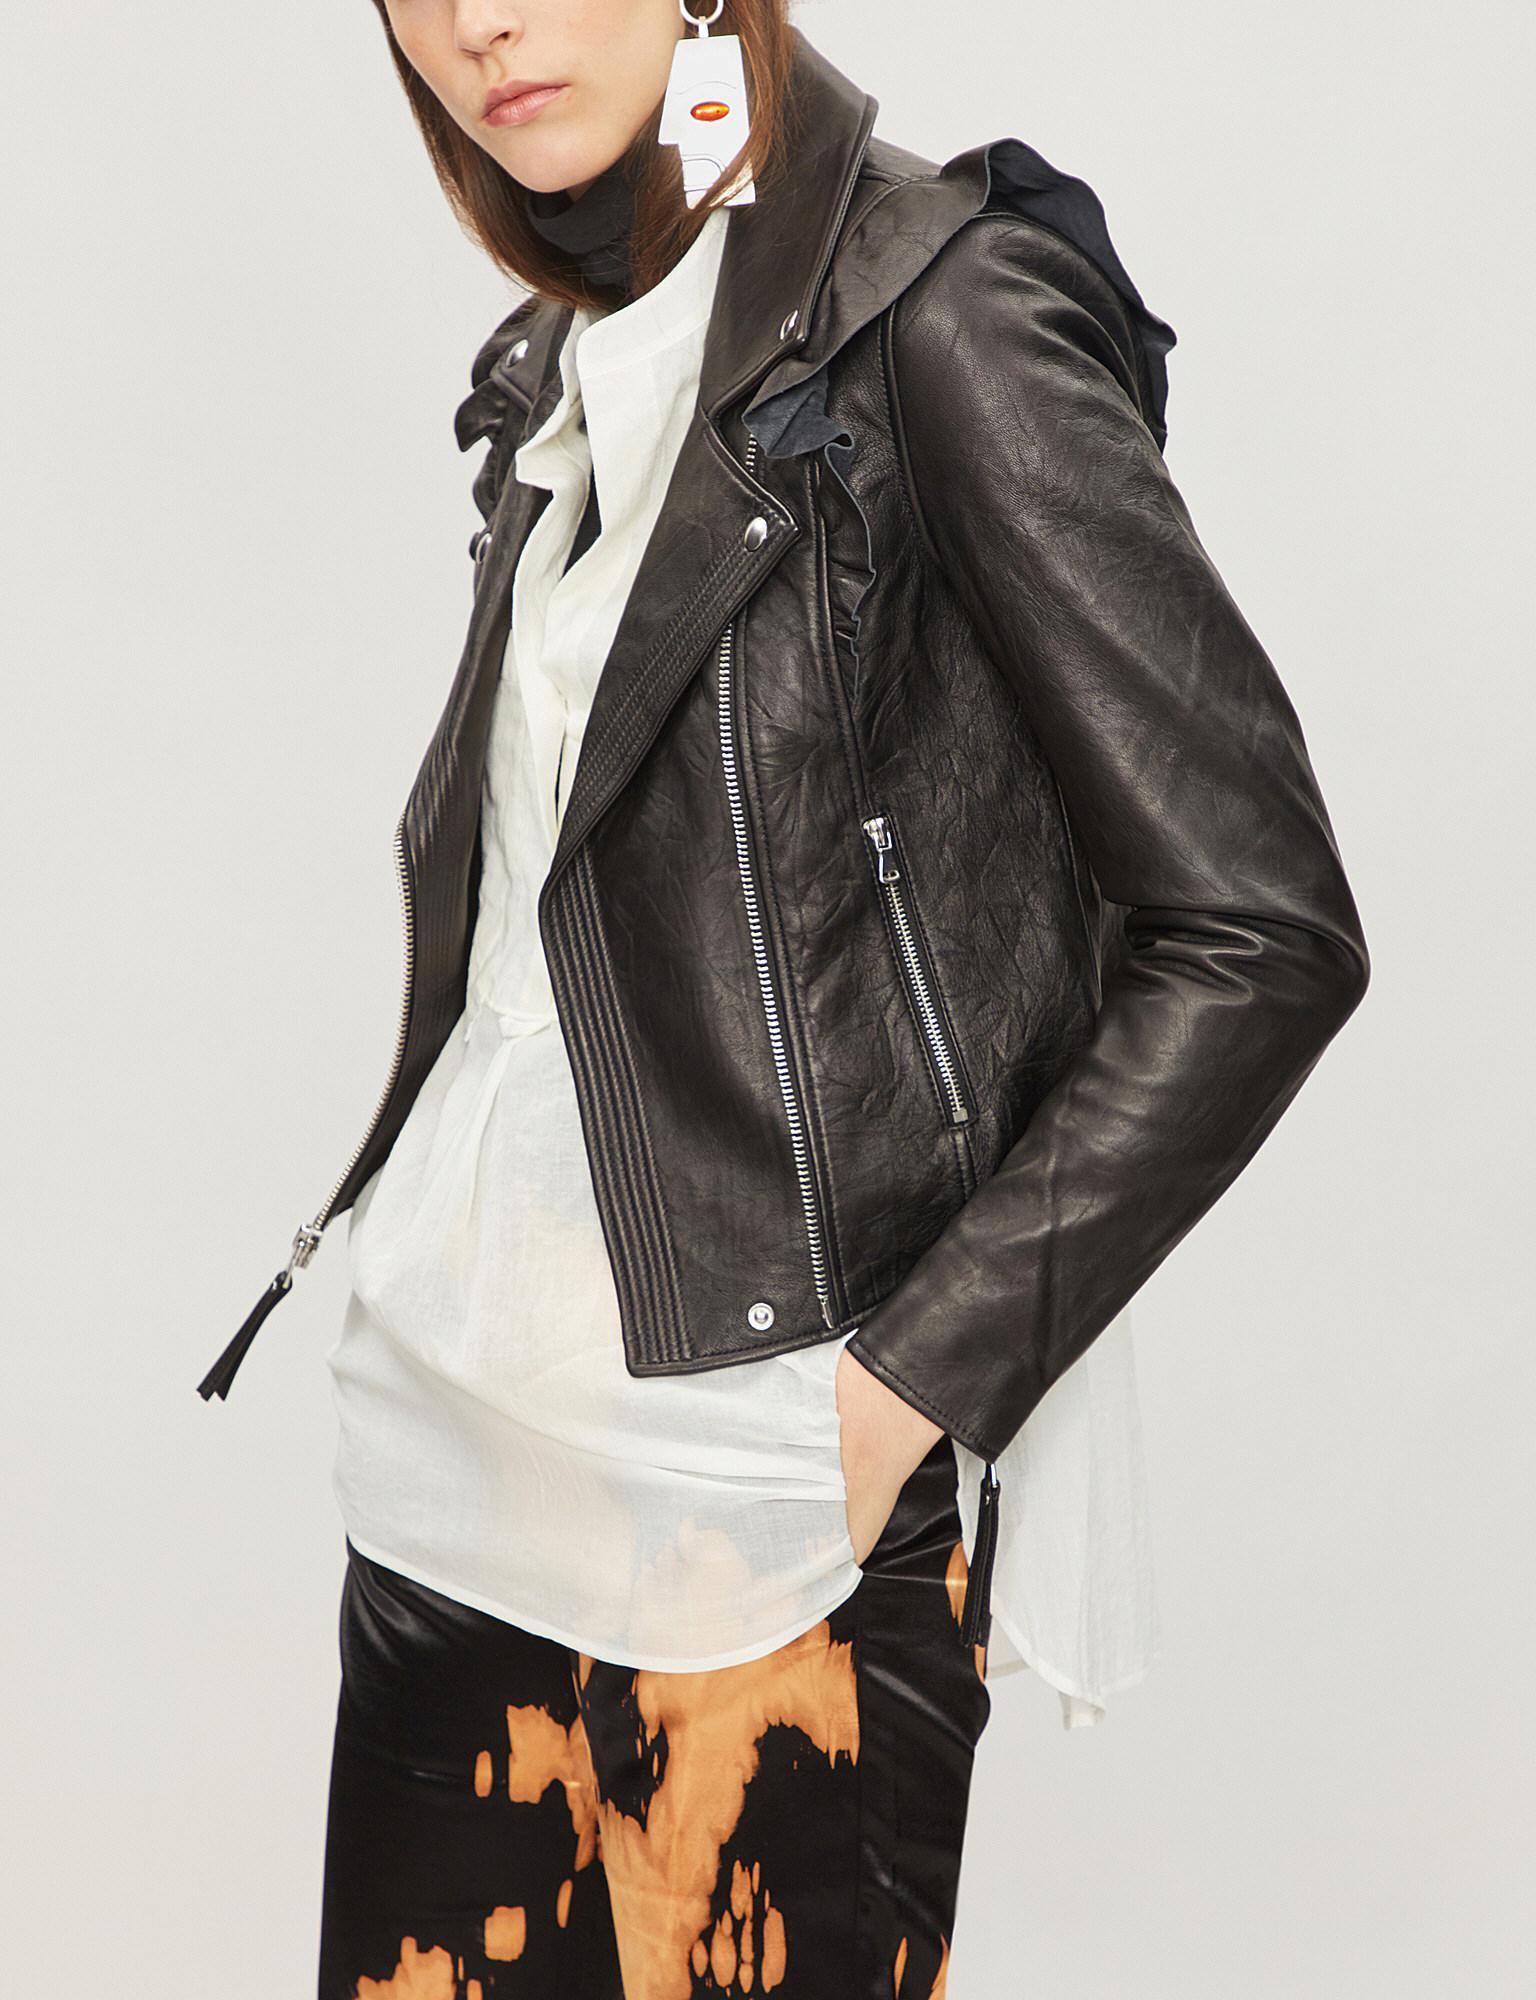 fd4de0641568 PAIGE Annika Leather Biker Jacket in Black - Lyst